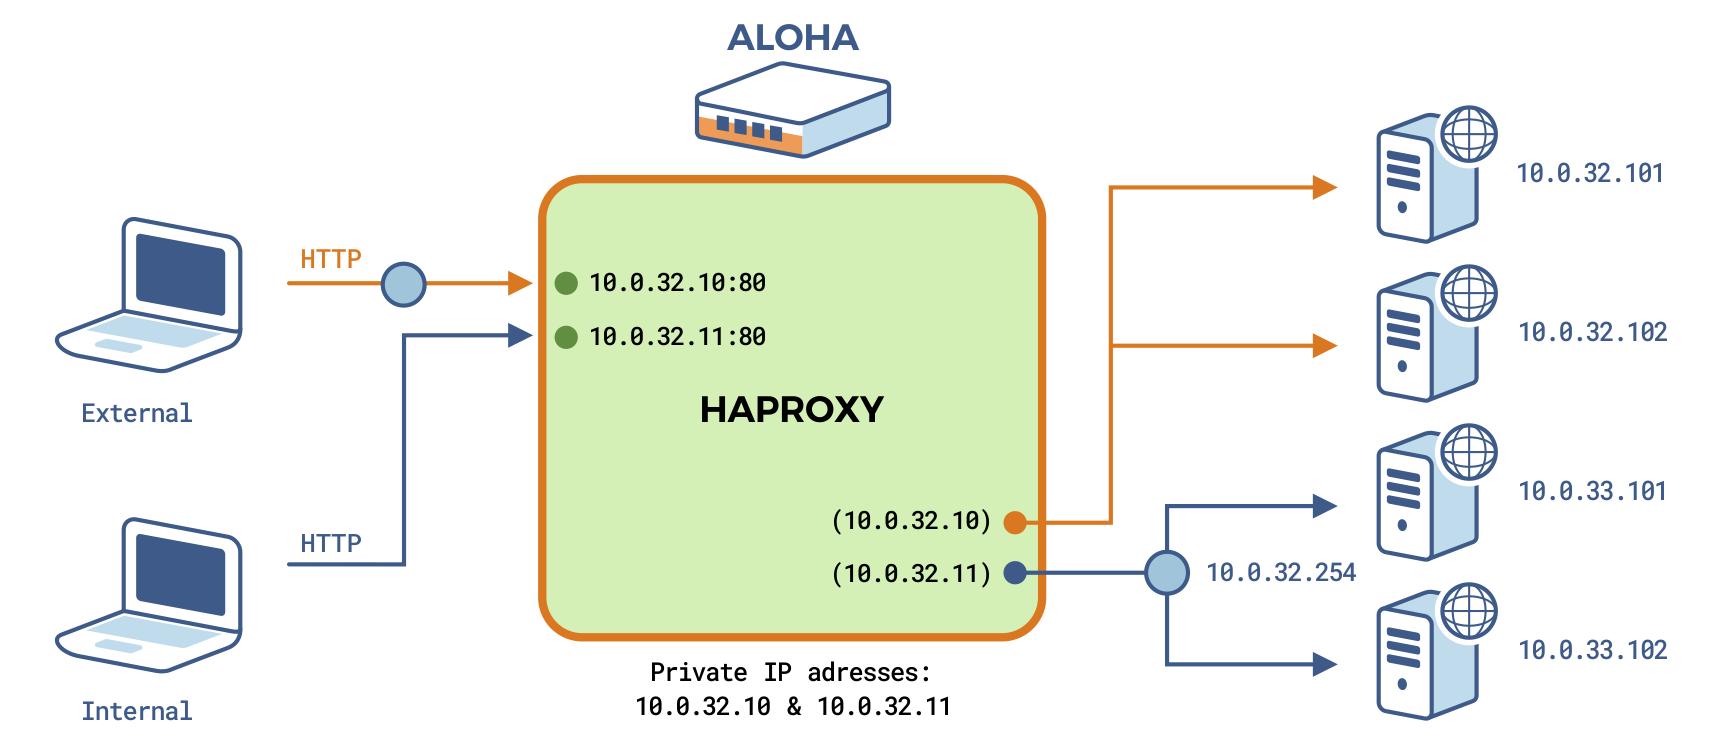 target network diagram